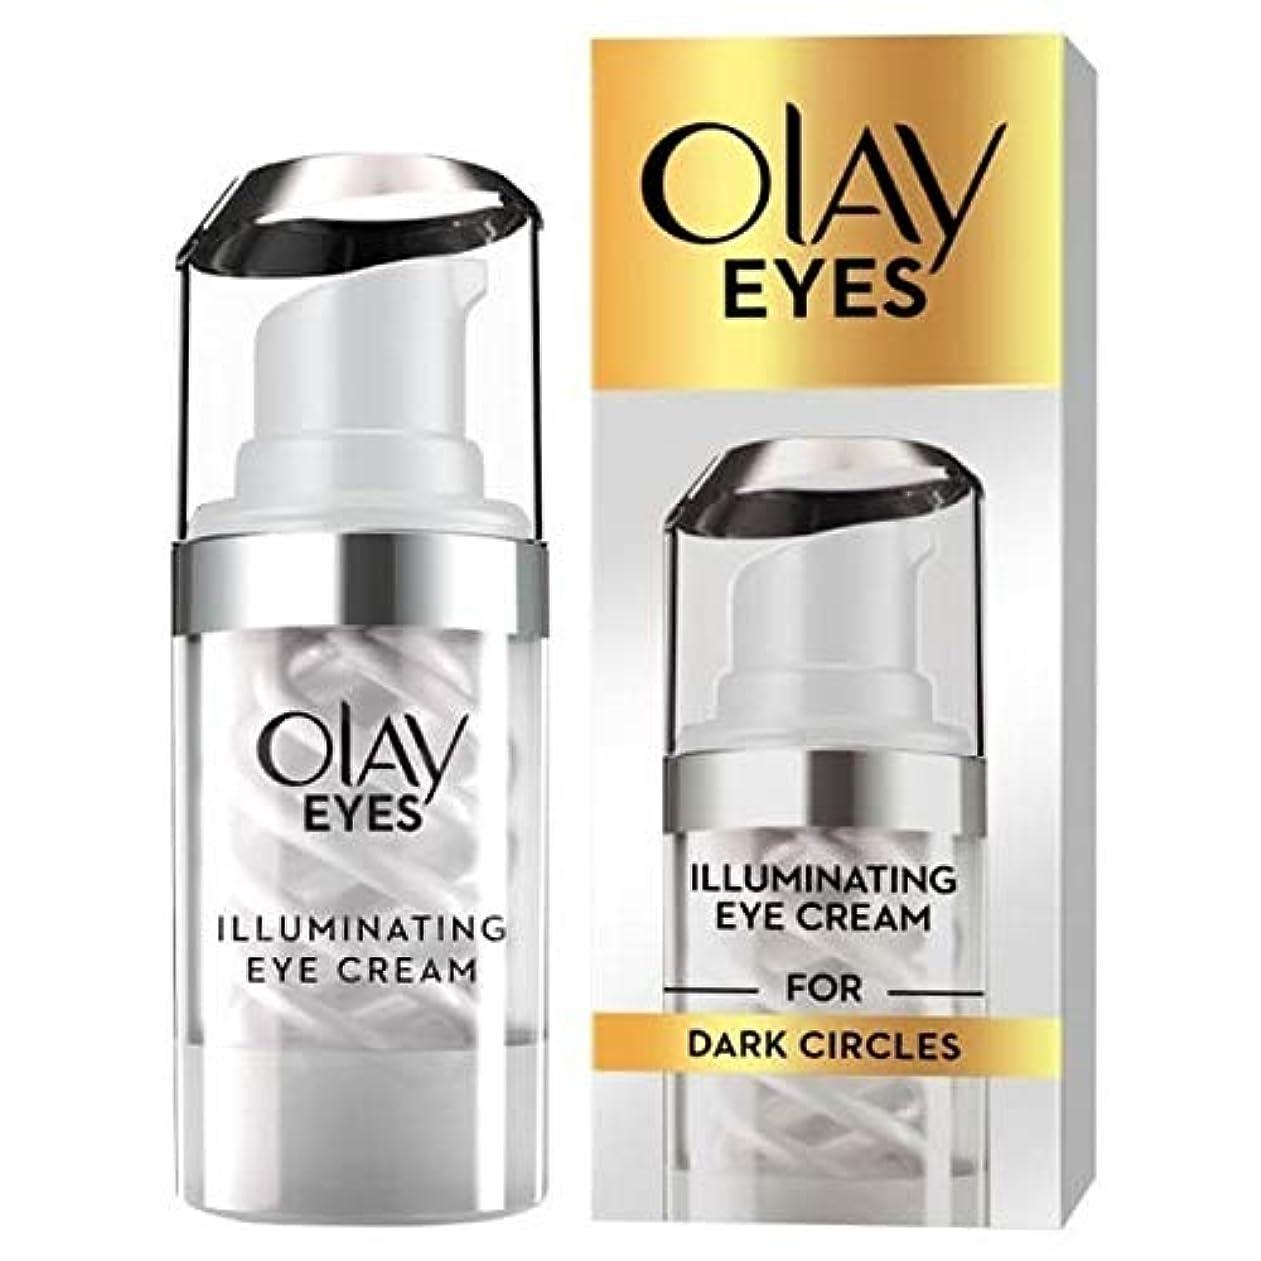 鉱石スペイン多様性[Olay] アイクリーム15ミリリットルを照らすオーレイ目 - Olay Eyes Illuminating Eye Cream 15Ml [並行輸入品]